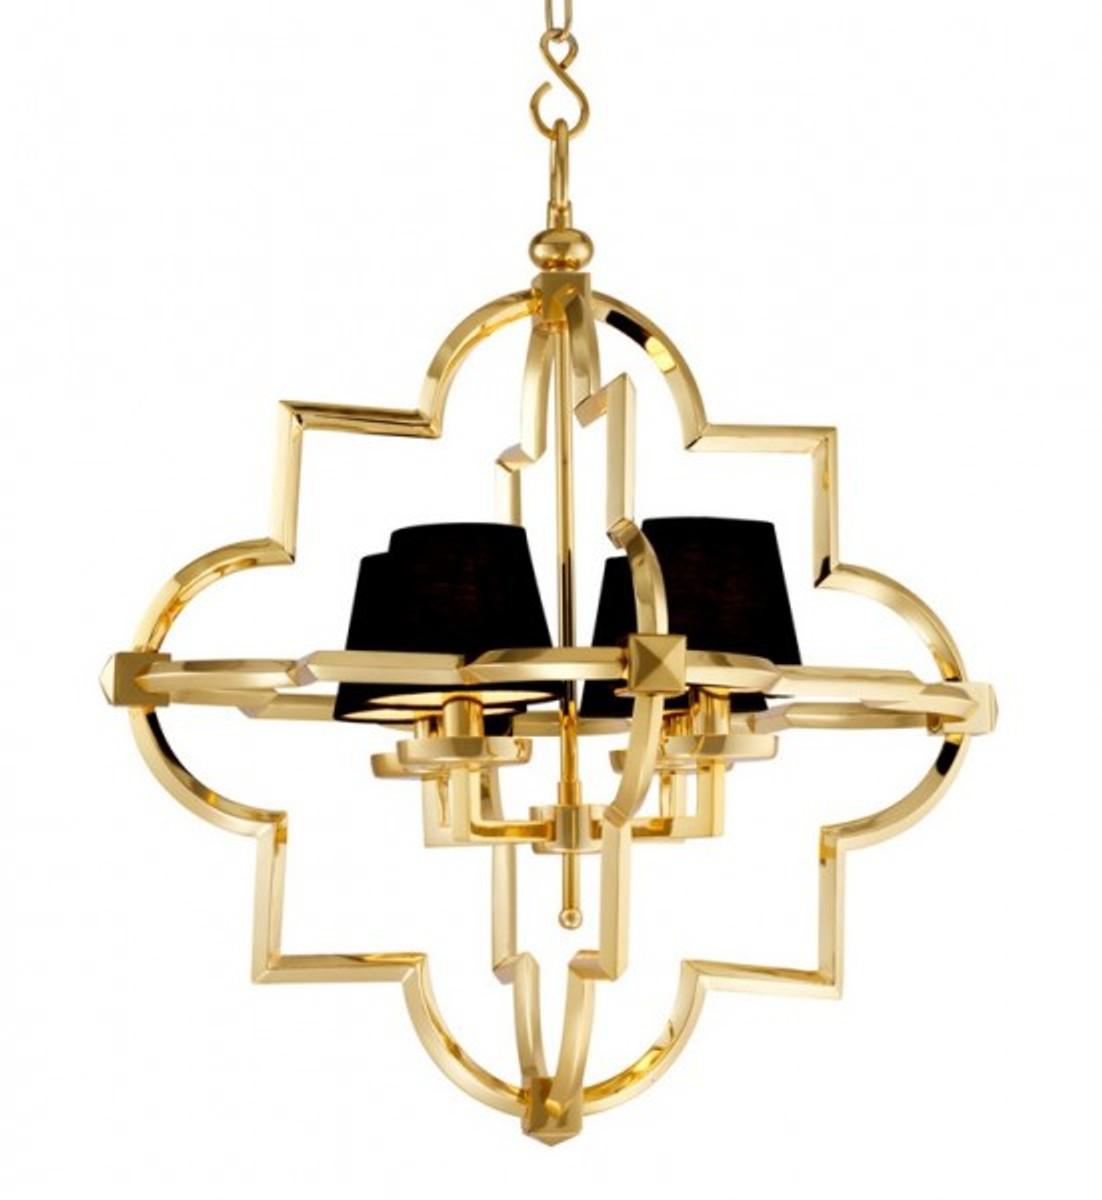 Casa Padrino Barock Luxus Kronleuchter 4 Flammig Jugendstil Gold / Schwarz    Möbel Lüster Leuchter Hängeleuchte Hängelampe